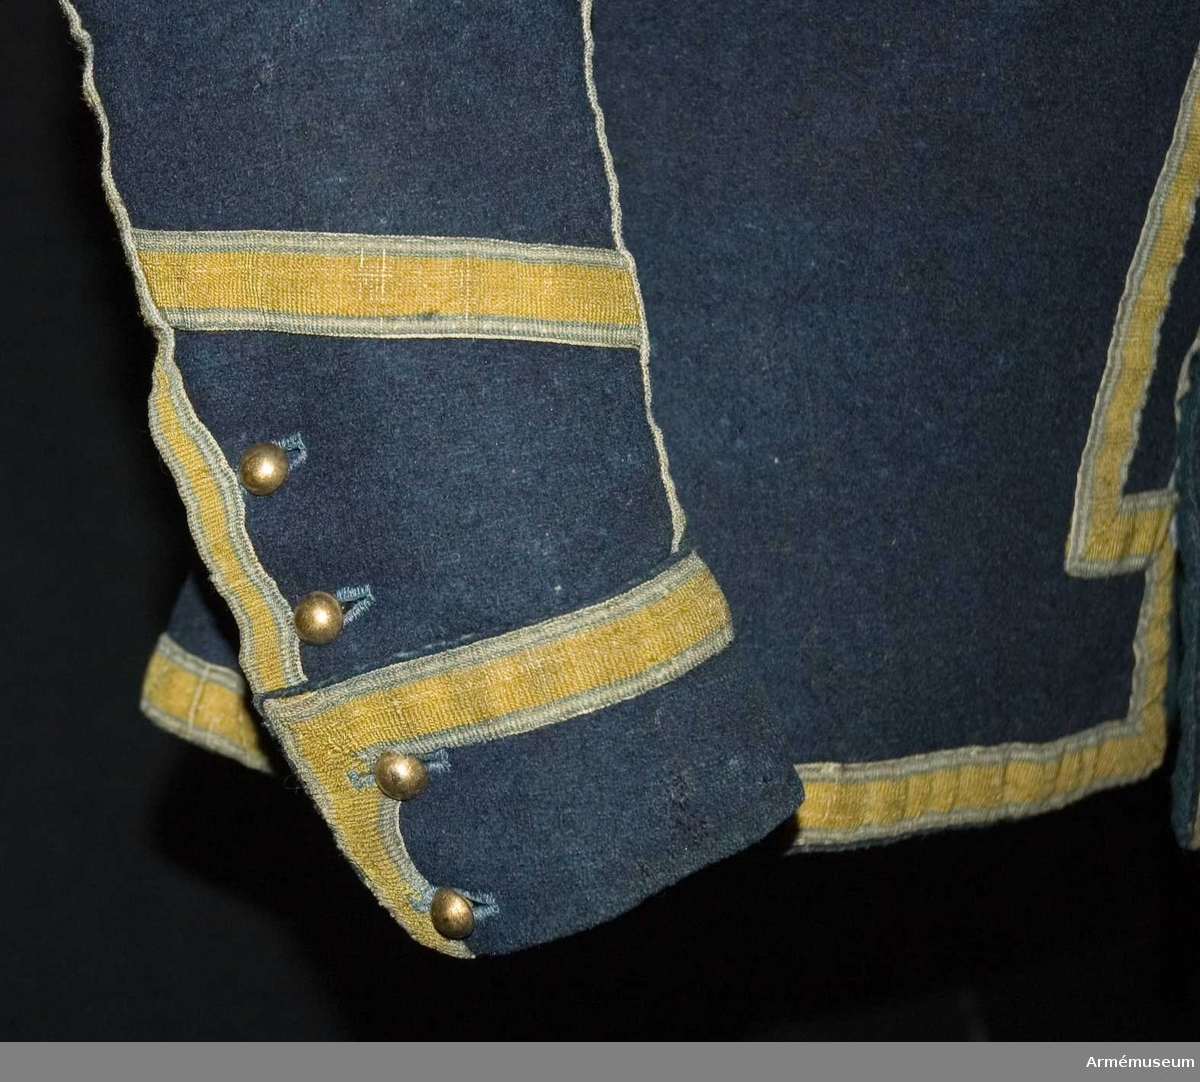 Grupp C:I. Jacka m/1779 av blått kläde med gula band. Banden har lin i varpen och lin samt ull i inslaget.